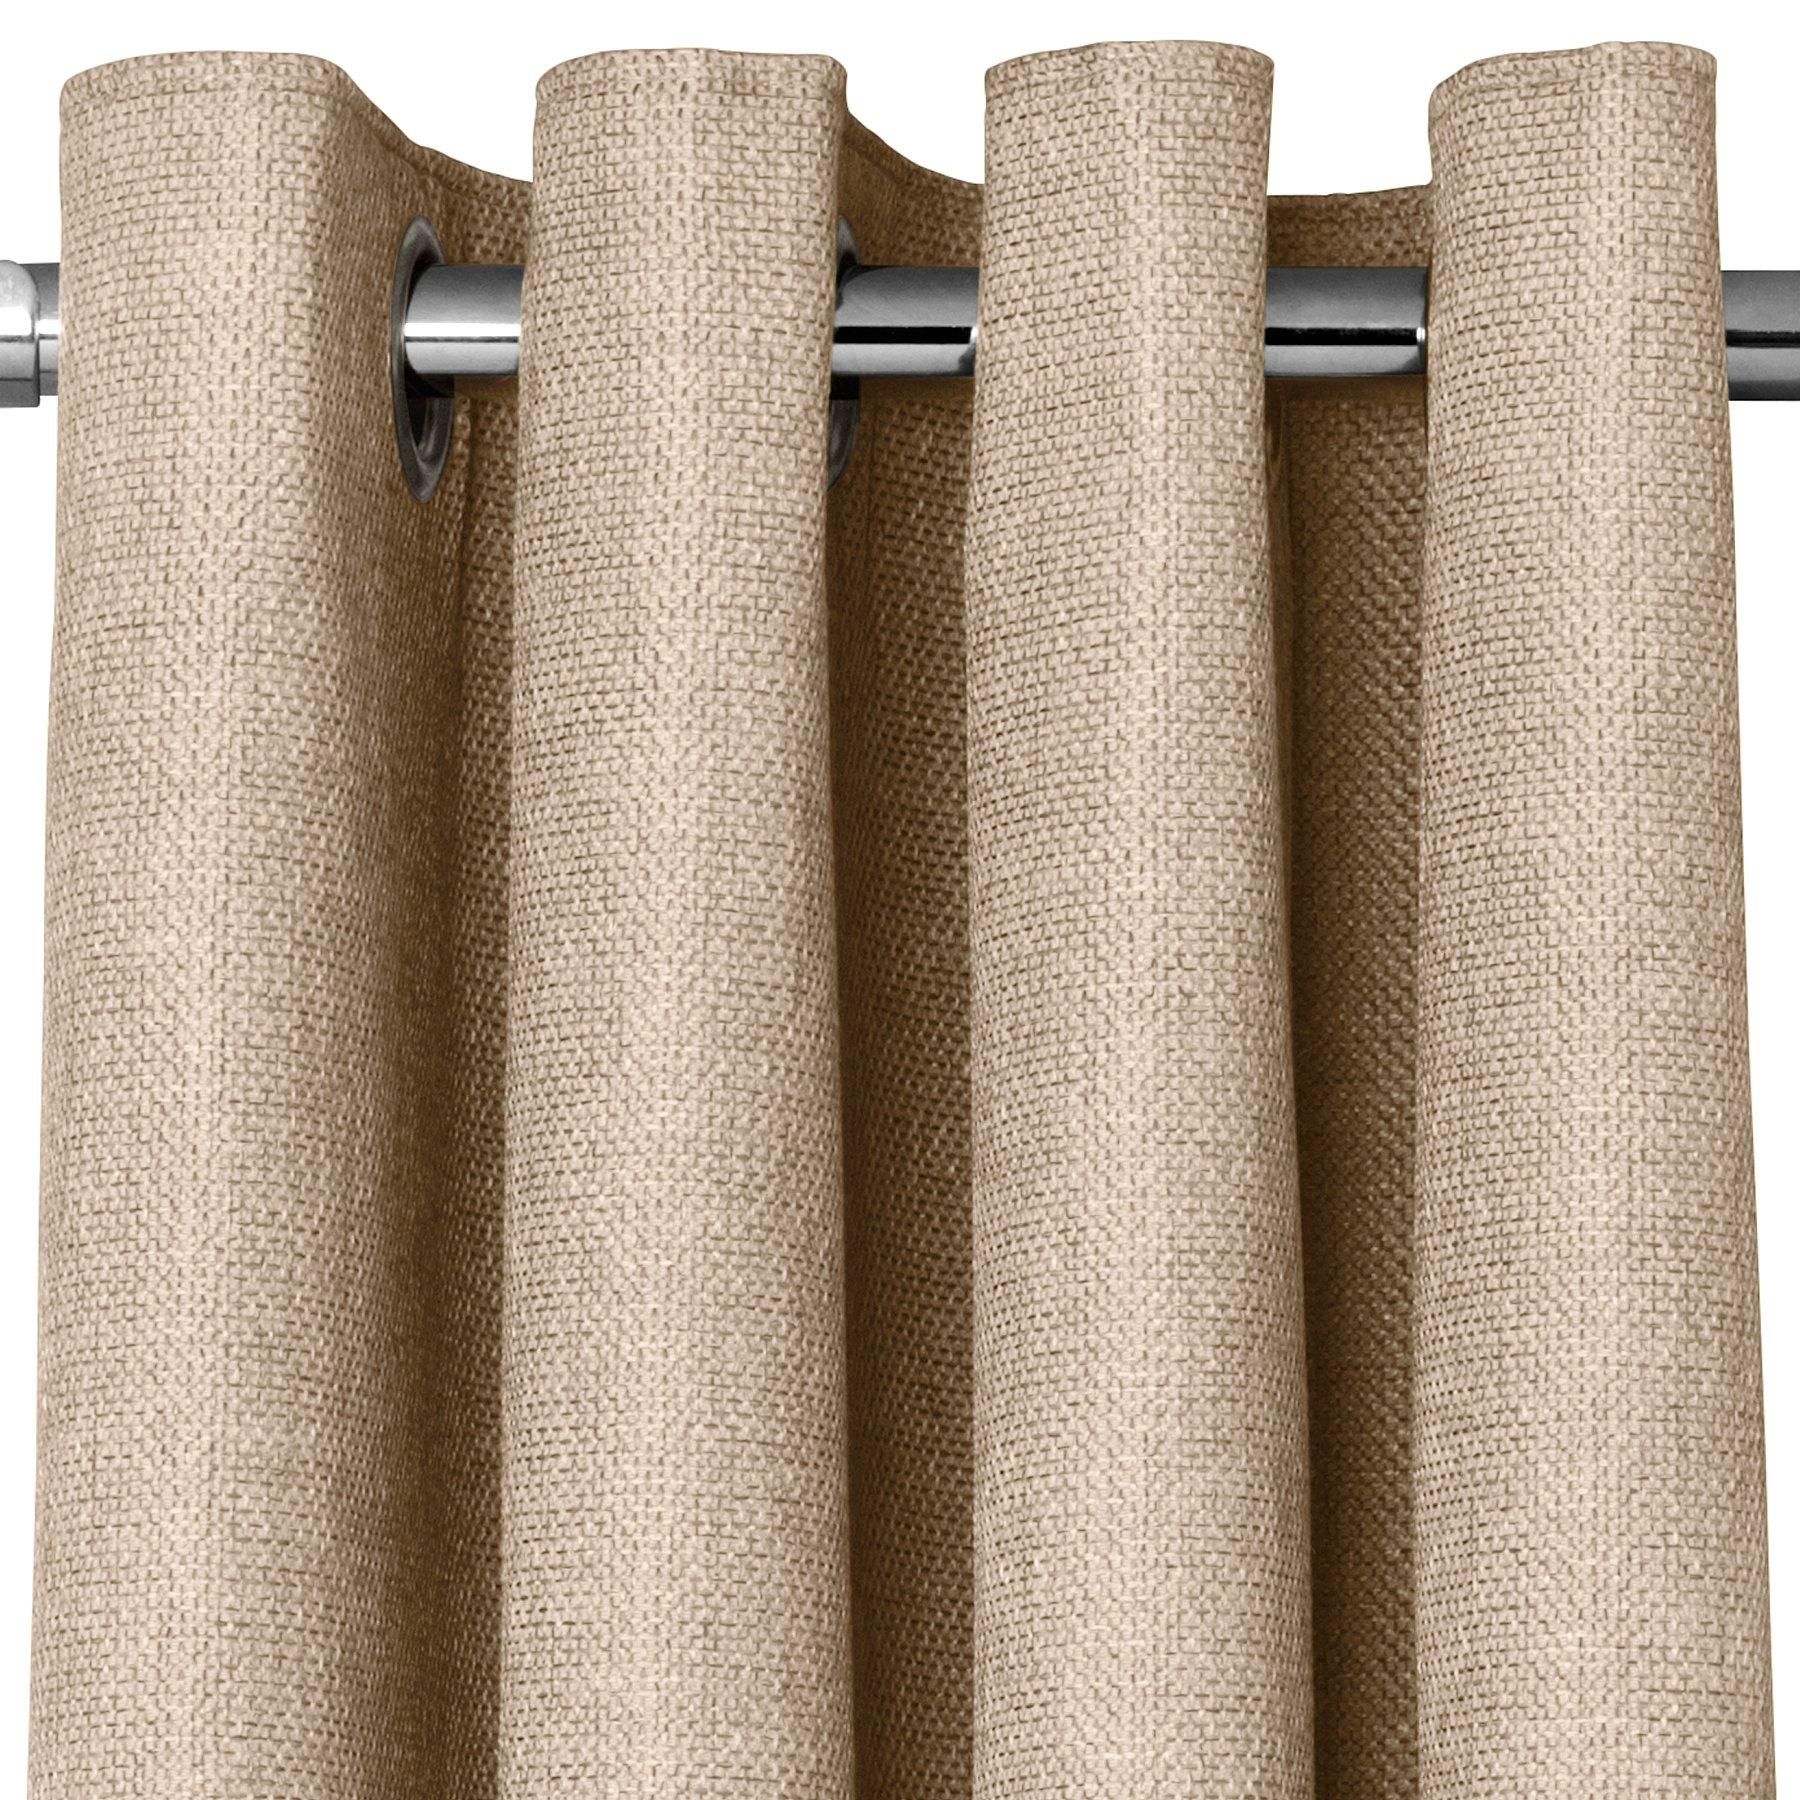 Asda Home Living Curtains